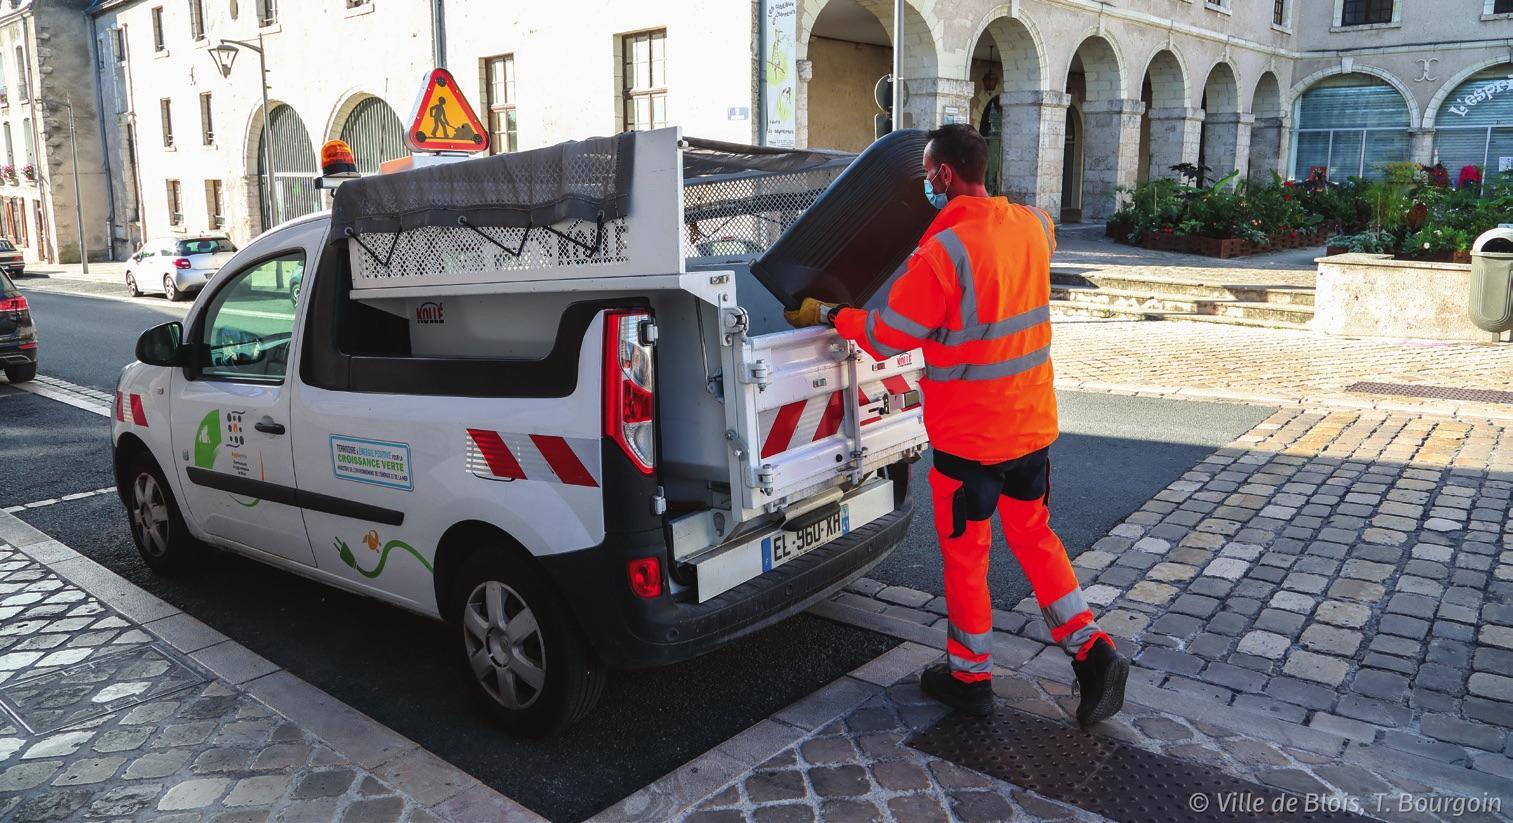 Un agent de la propreté vide une corbeille à déchets dans le bac de son véhicule de collecte.